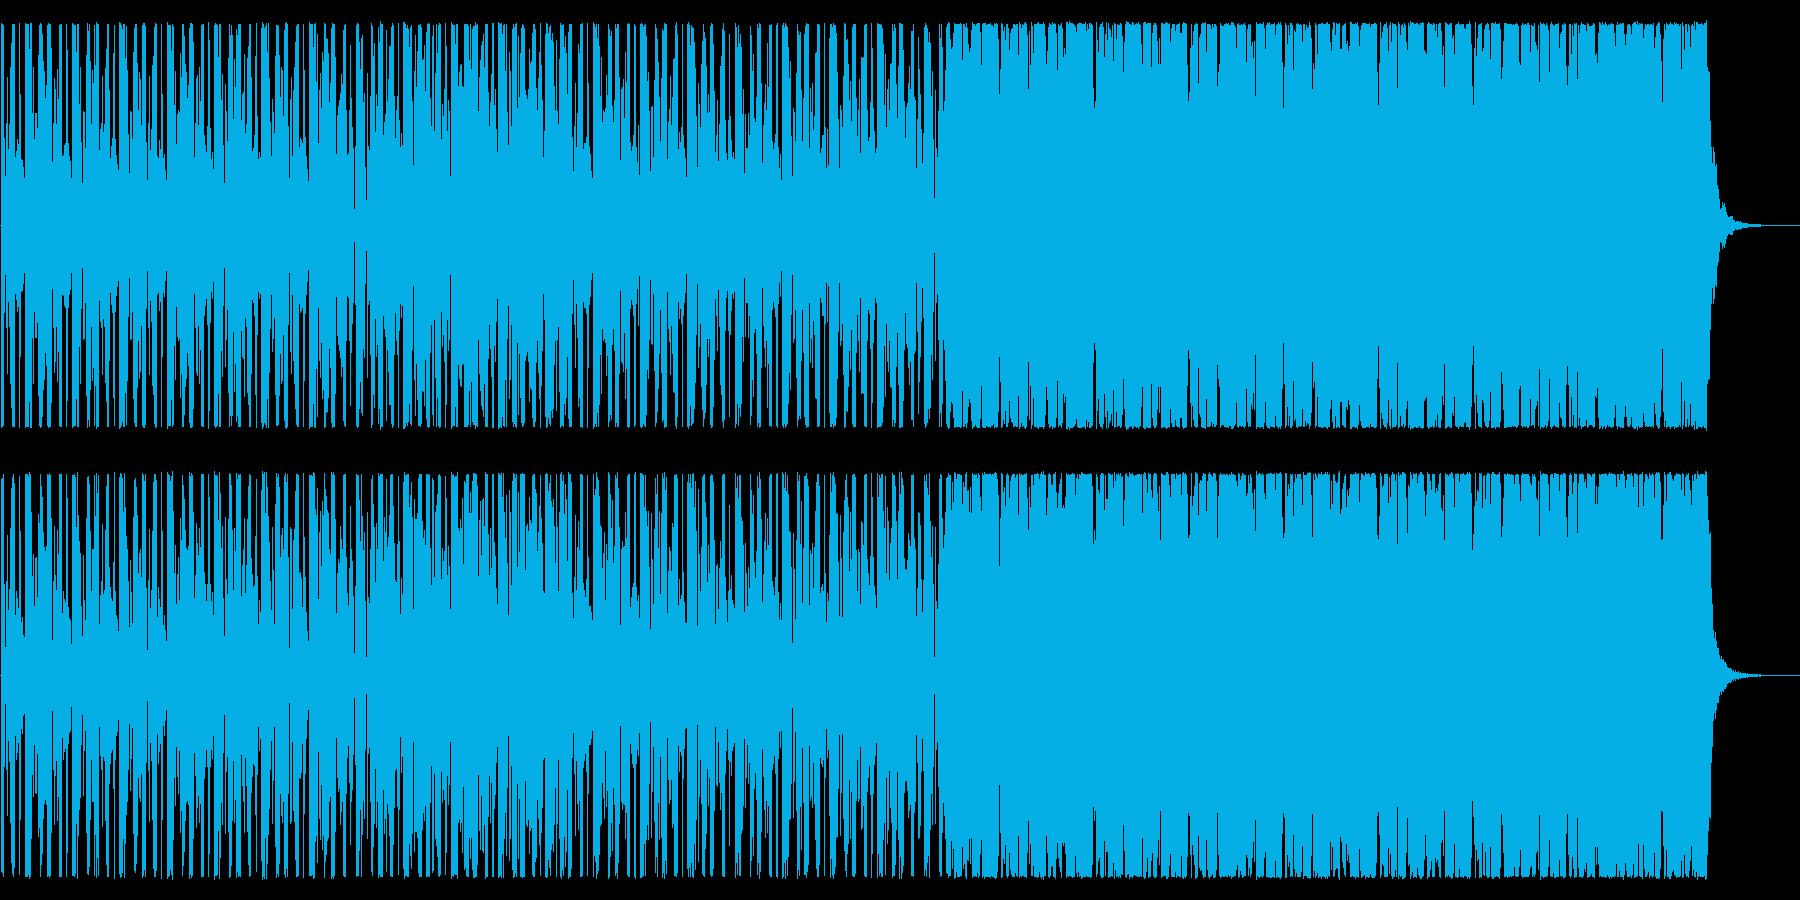 前向きなスムースジャズ系BGMですの再生済みの波形